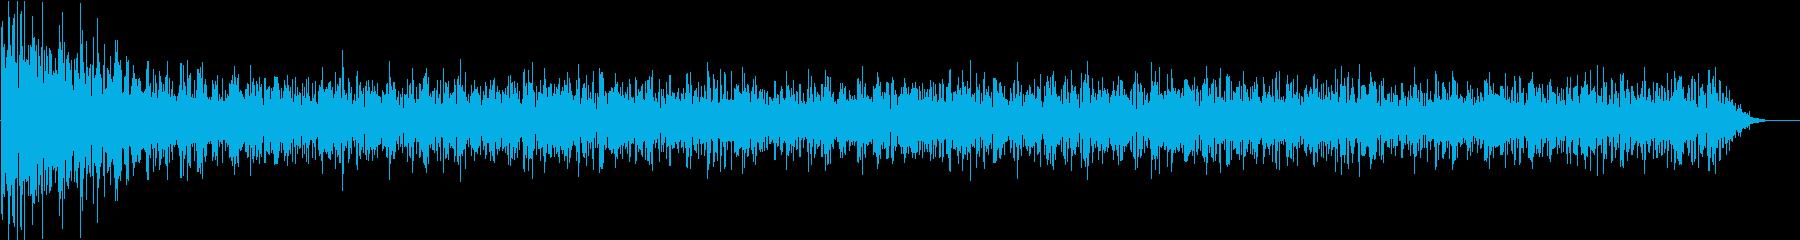 洞窟の環境音(広め)の再生済みの波形